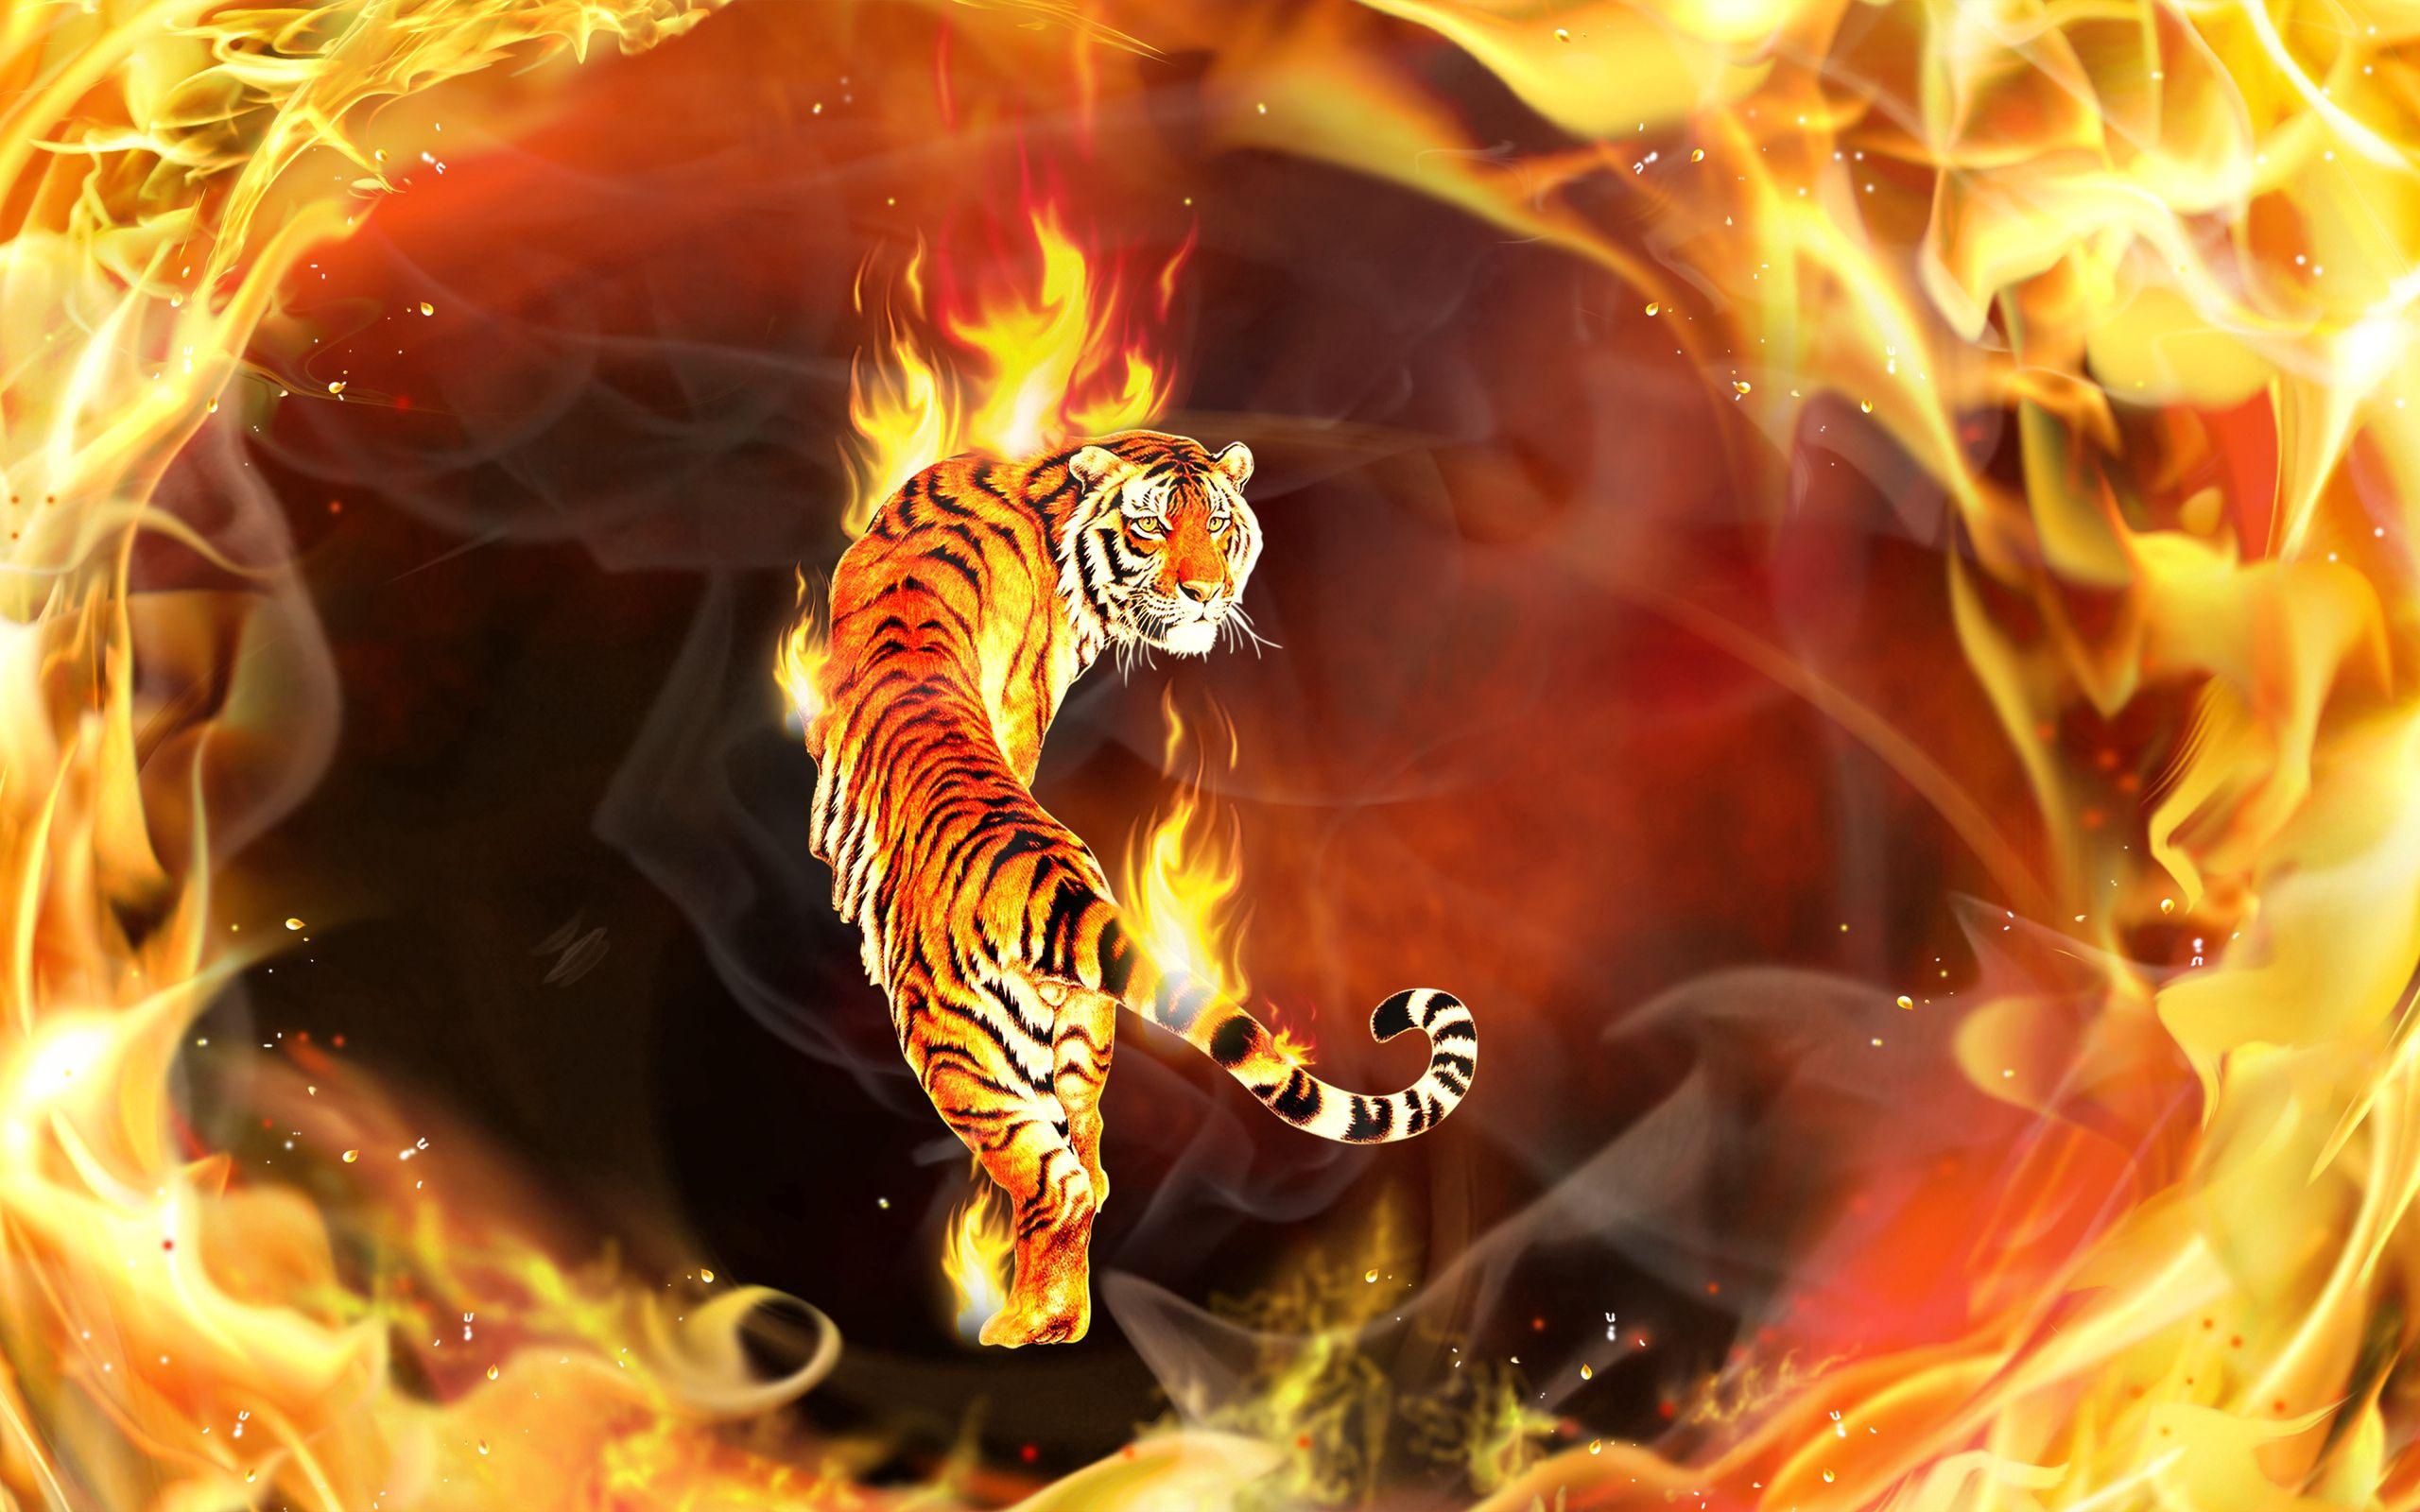 58443 скачать обои Абстракция, Пламя, Тигр, Вокруг, Объятый - заставки и картинки бесплатно